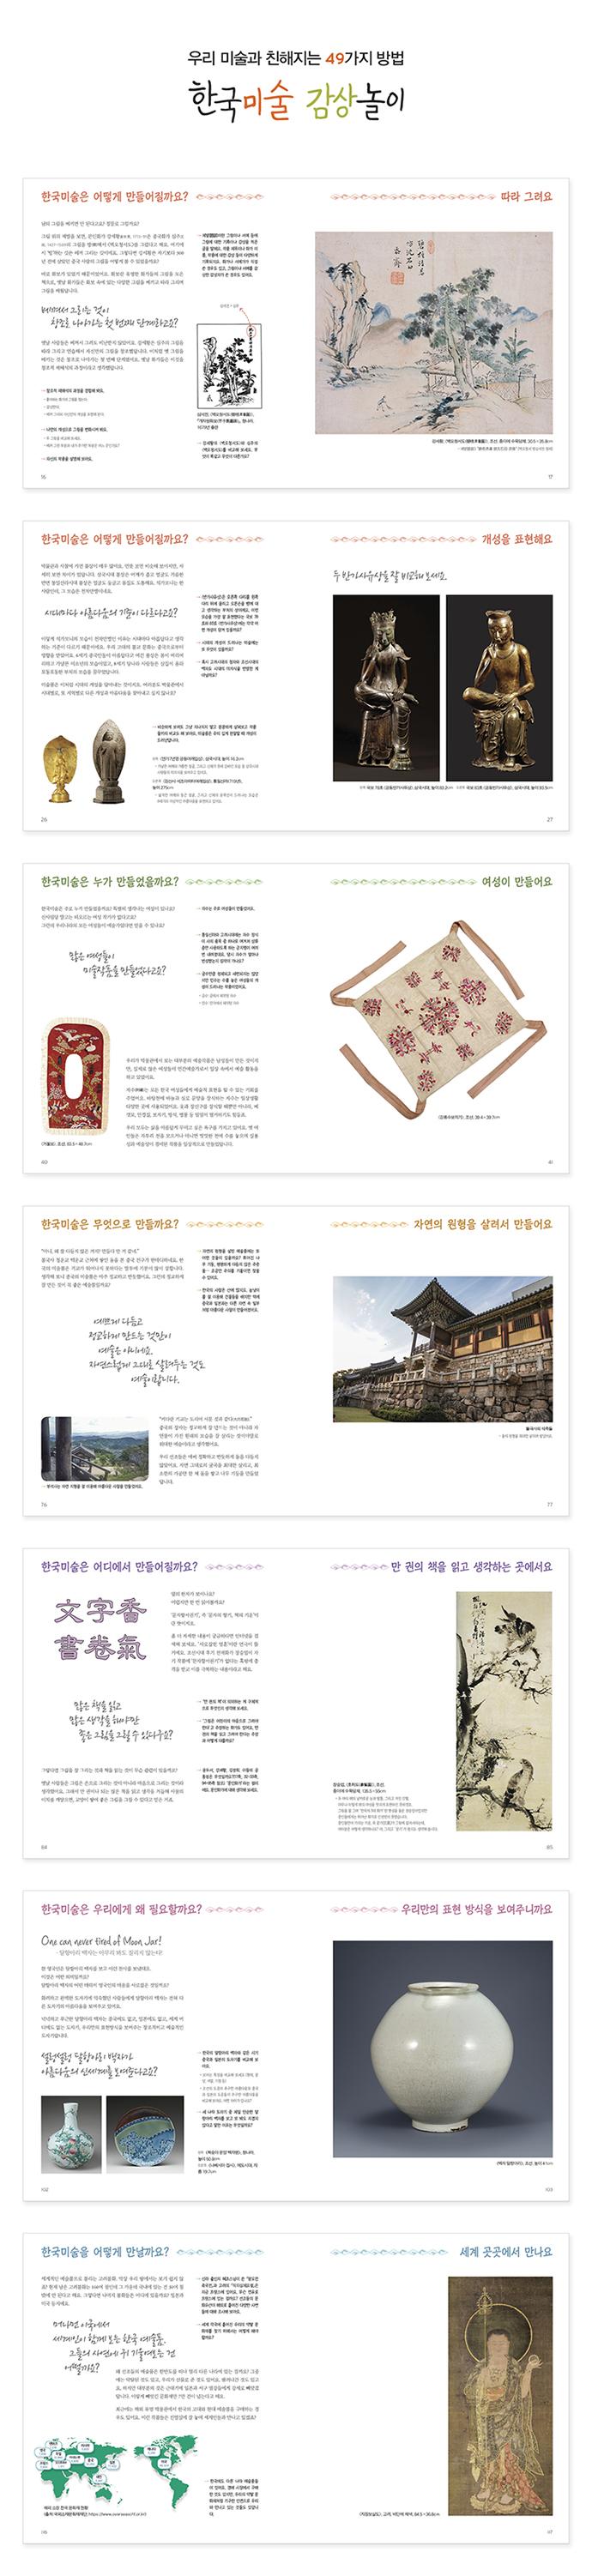 한국미술-preview(교보).jpg